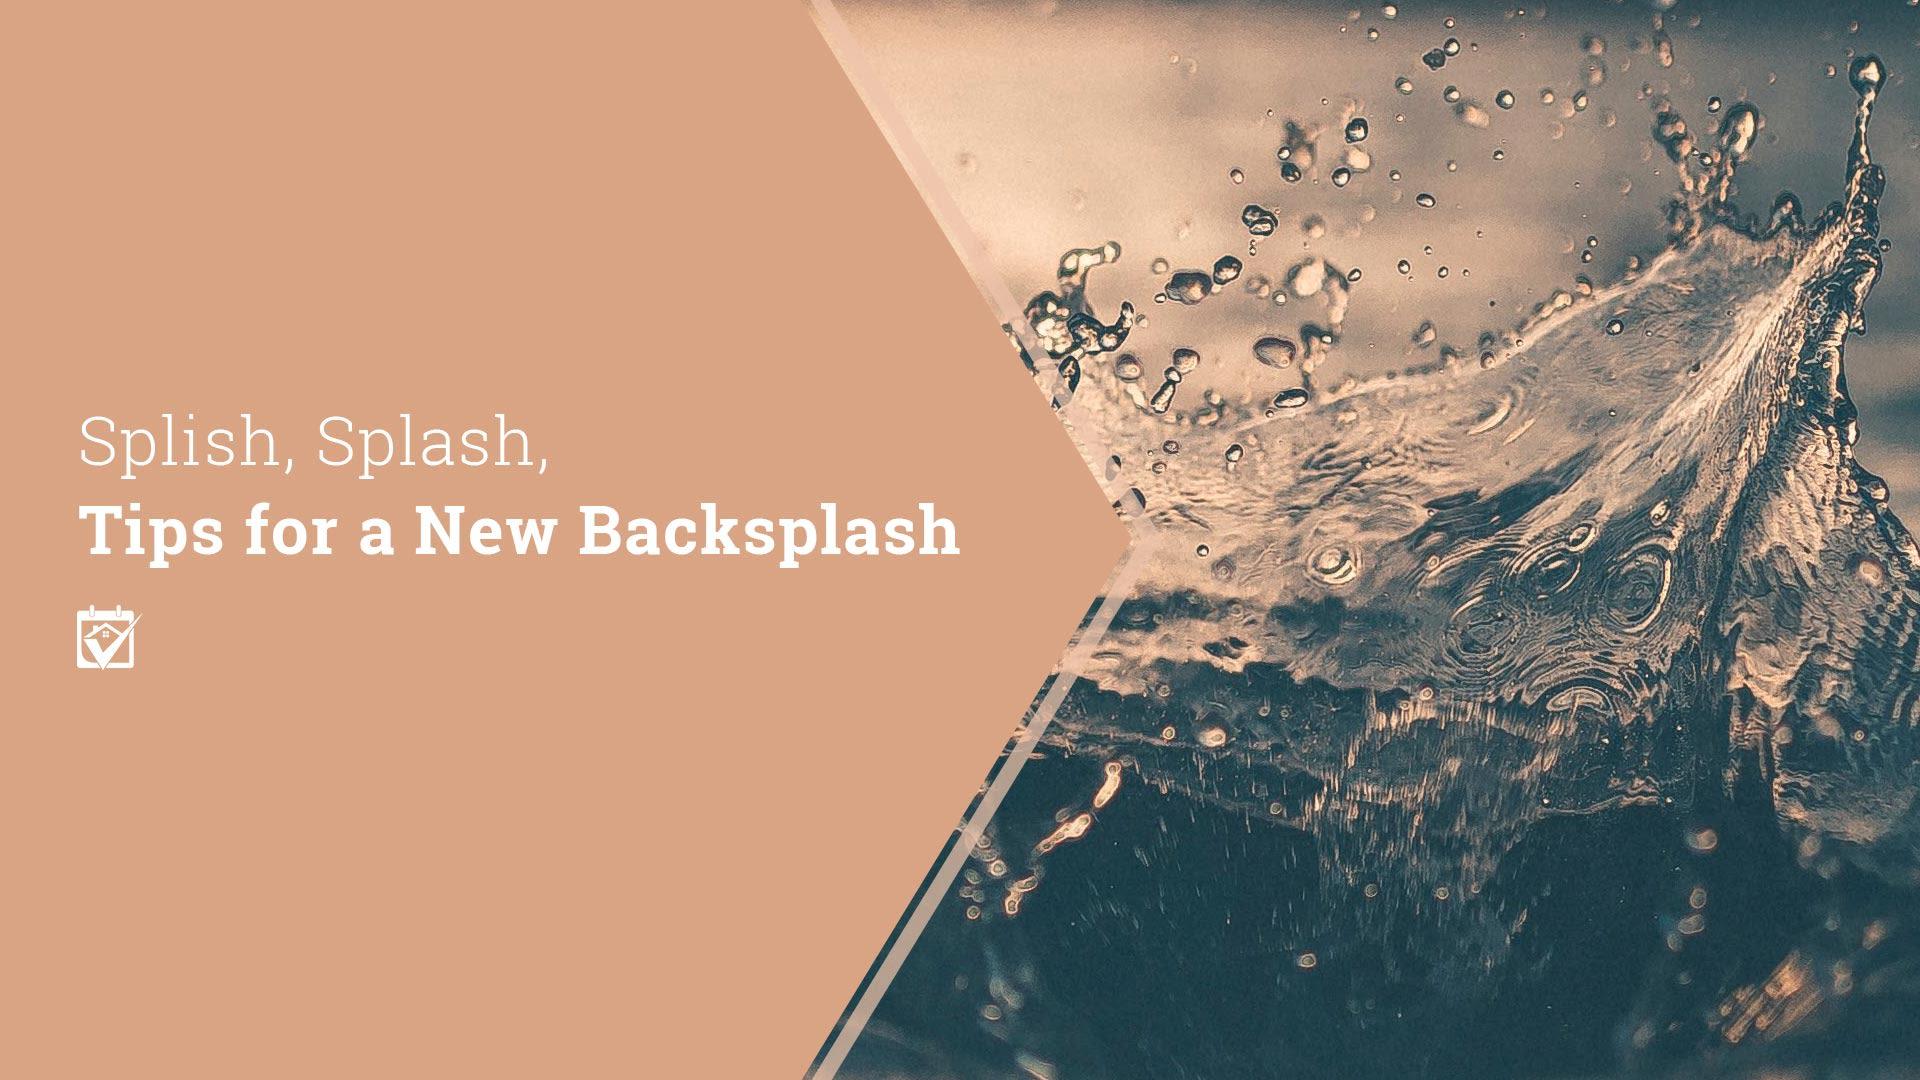 Splish, Splash, Tips for a New Backsplash